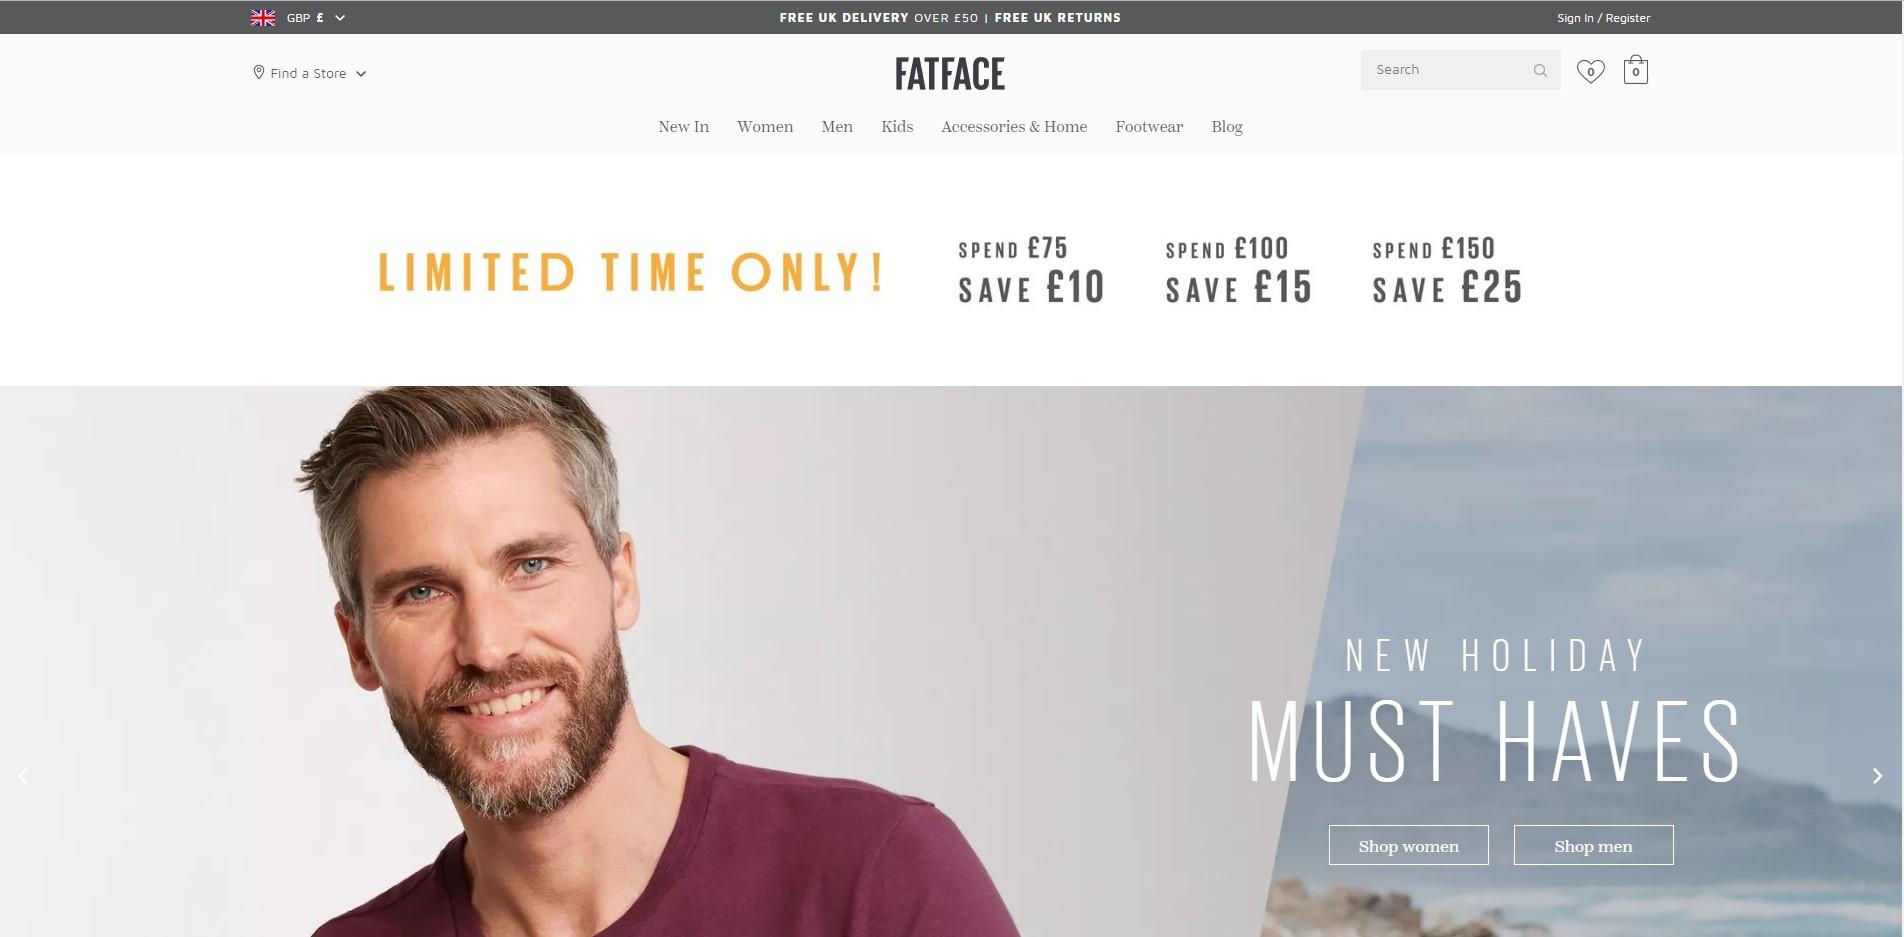 Фото Интернет магазин Fatface. Британская брендовая одежда. Командная разработка в IT-компании. https://www.fatface.com